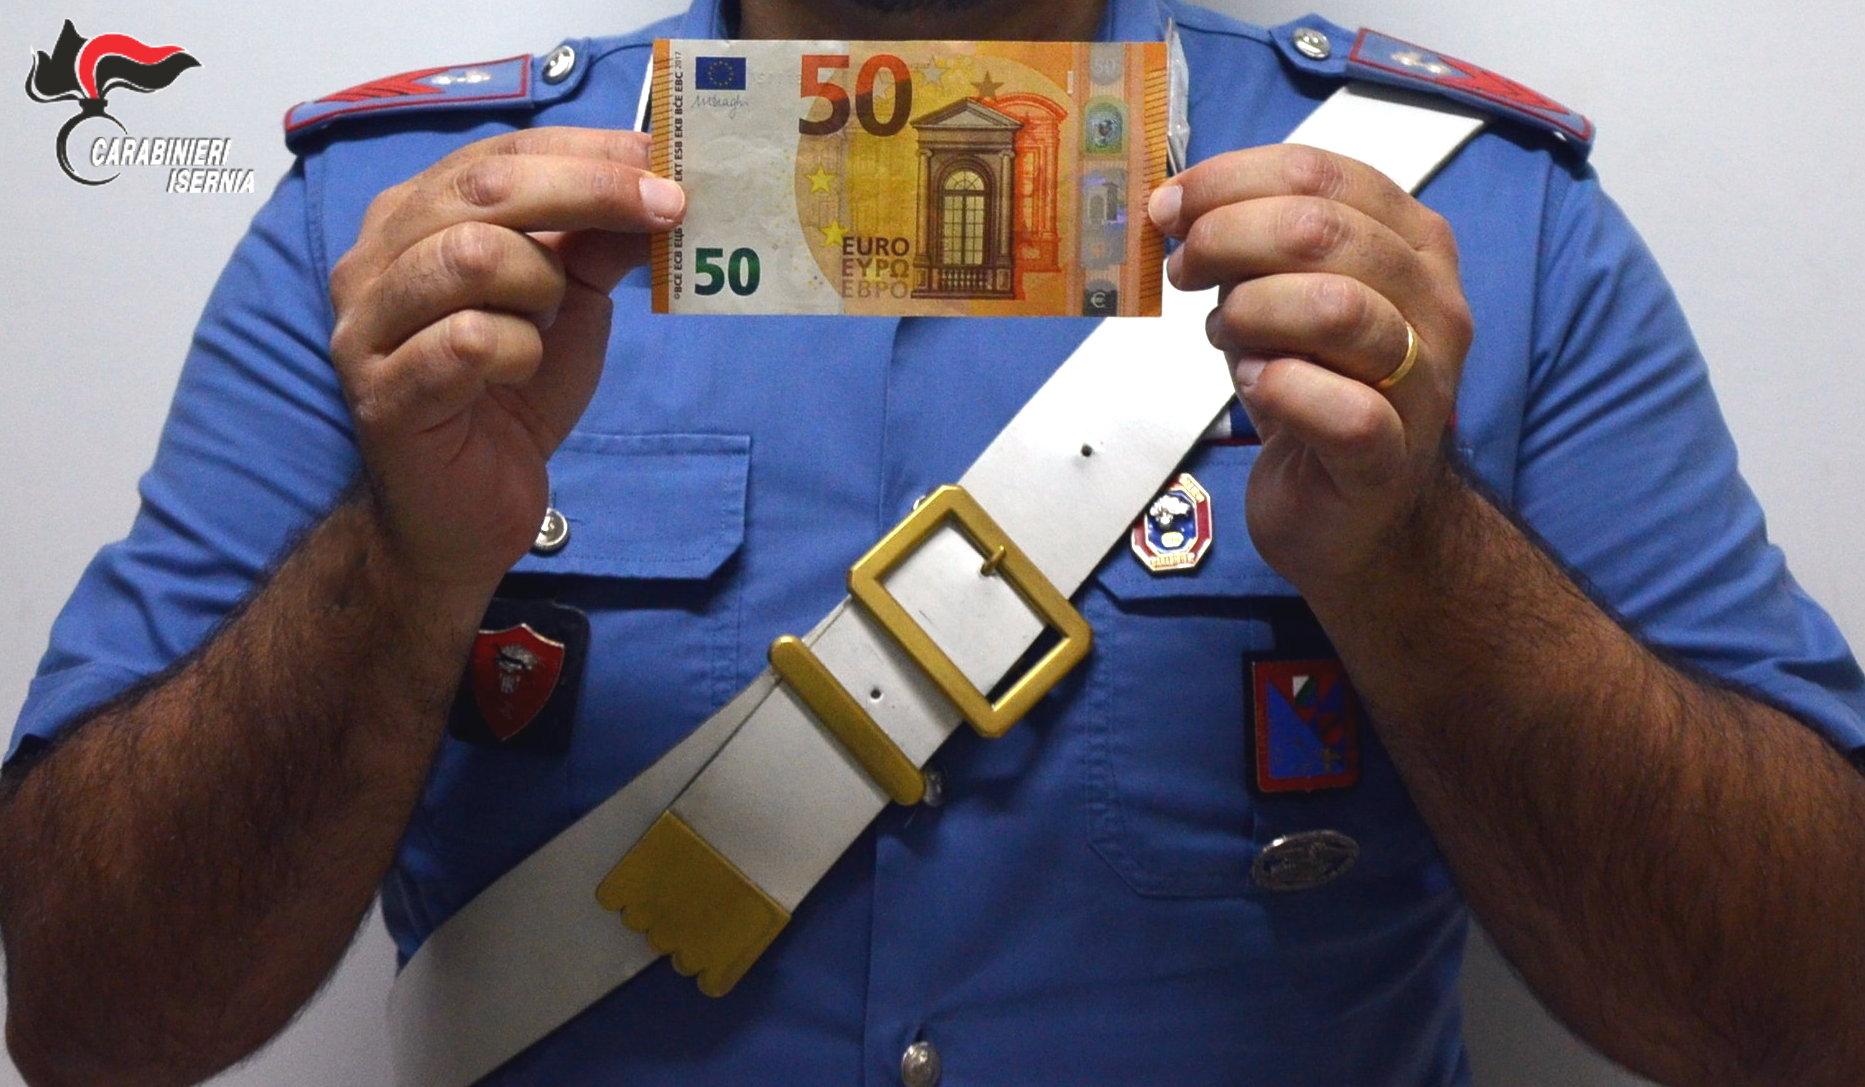 Tenta di spendere 50 euro false, fermata dai Carabinieri